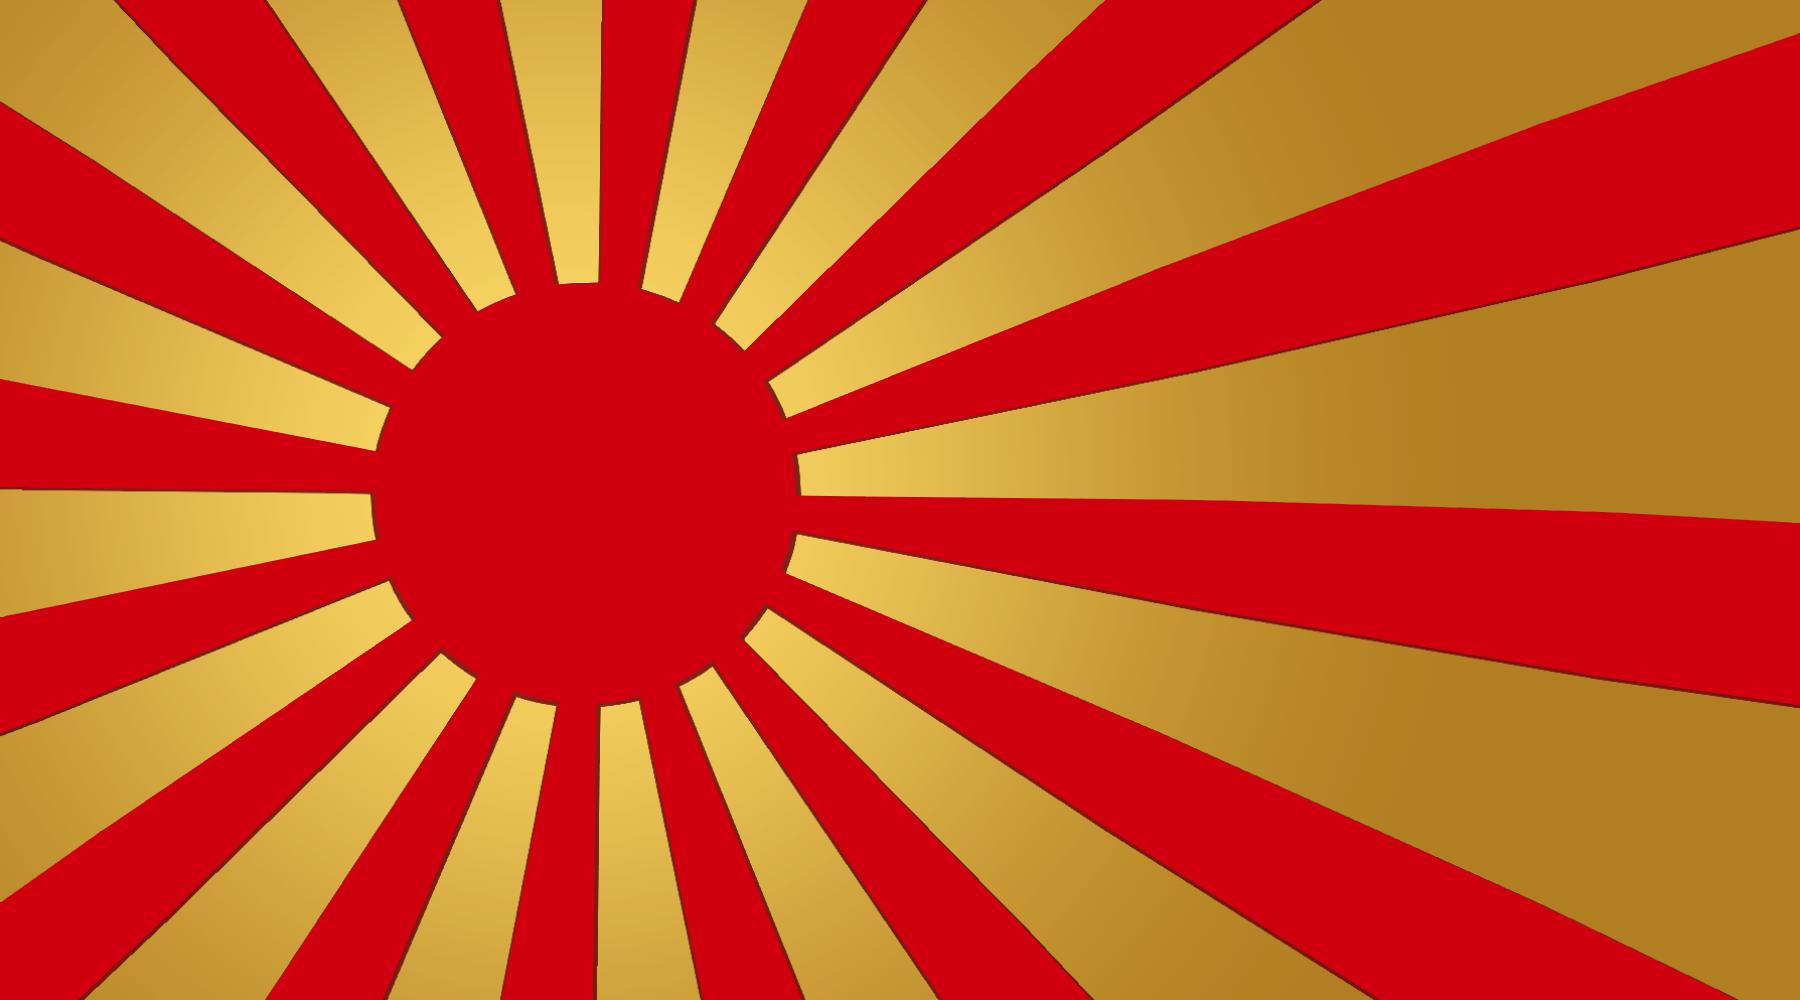 旭日旗(金背景・立体風)1800x1000